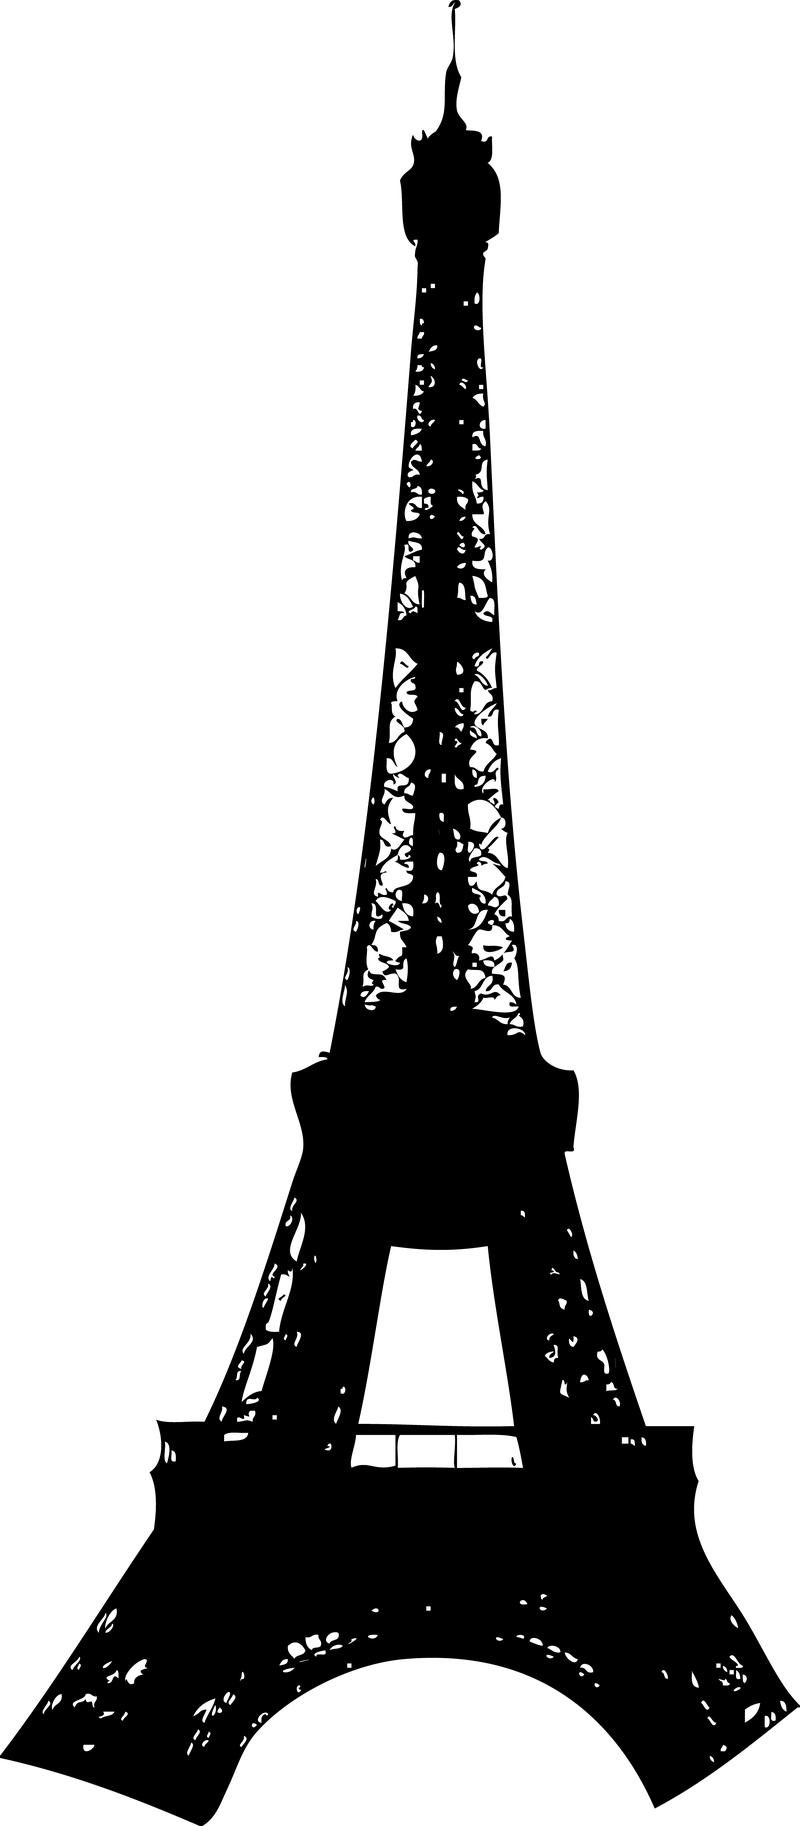 Silueta de la torre Eiffel. Descargar imagen grande 800x1826px - Torre Eiffel PNG